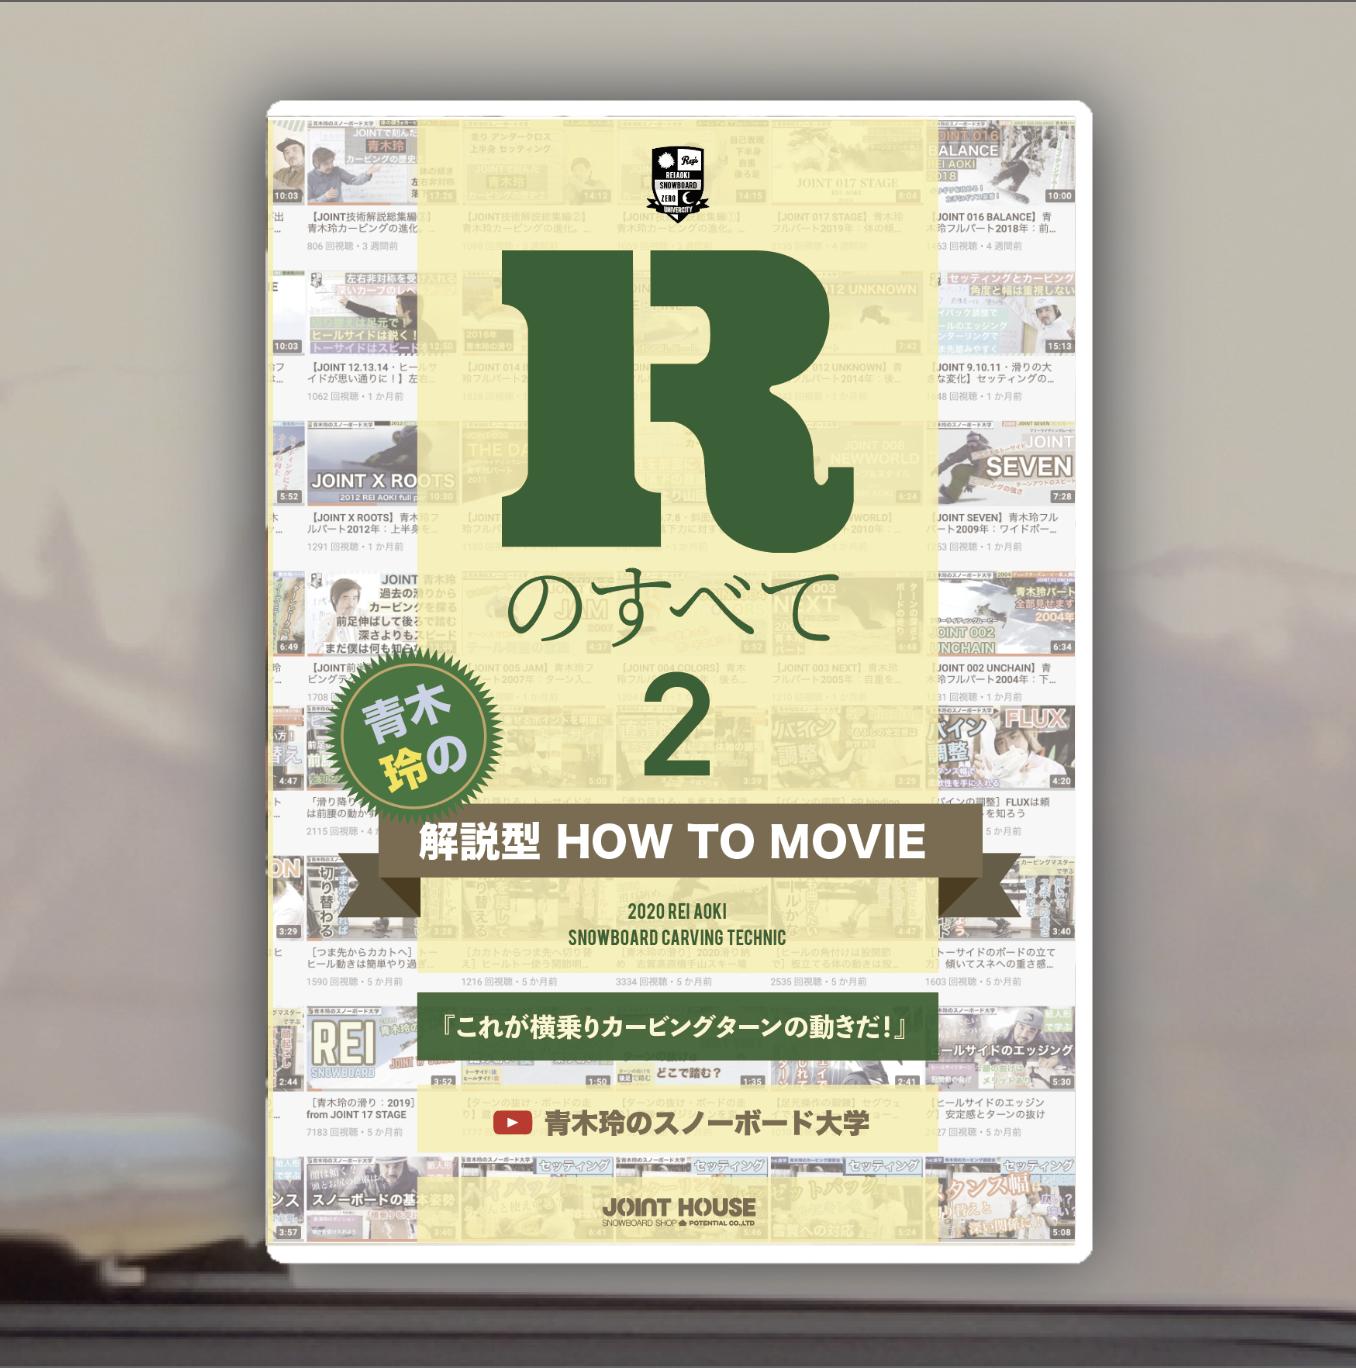 【Rのすべて2】青木玲のカービング技術解説ハウツー